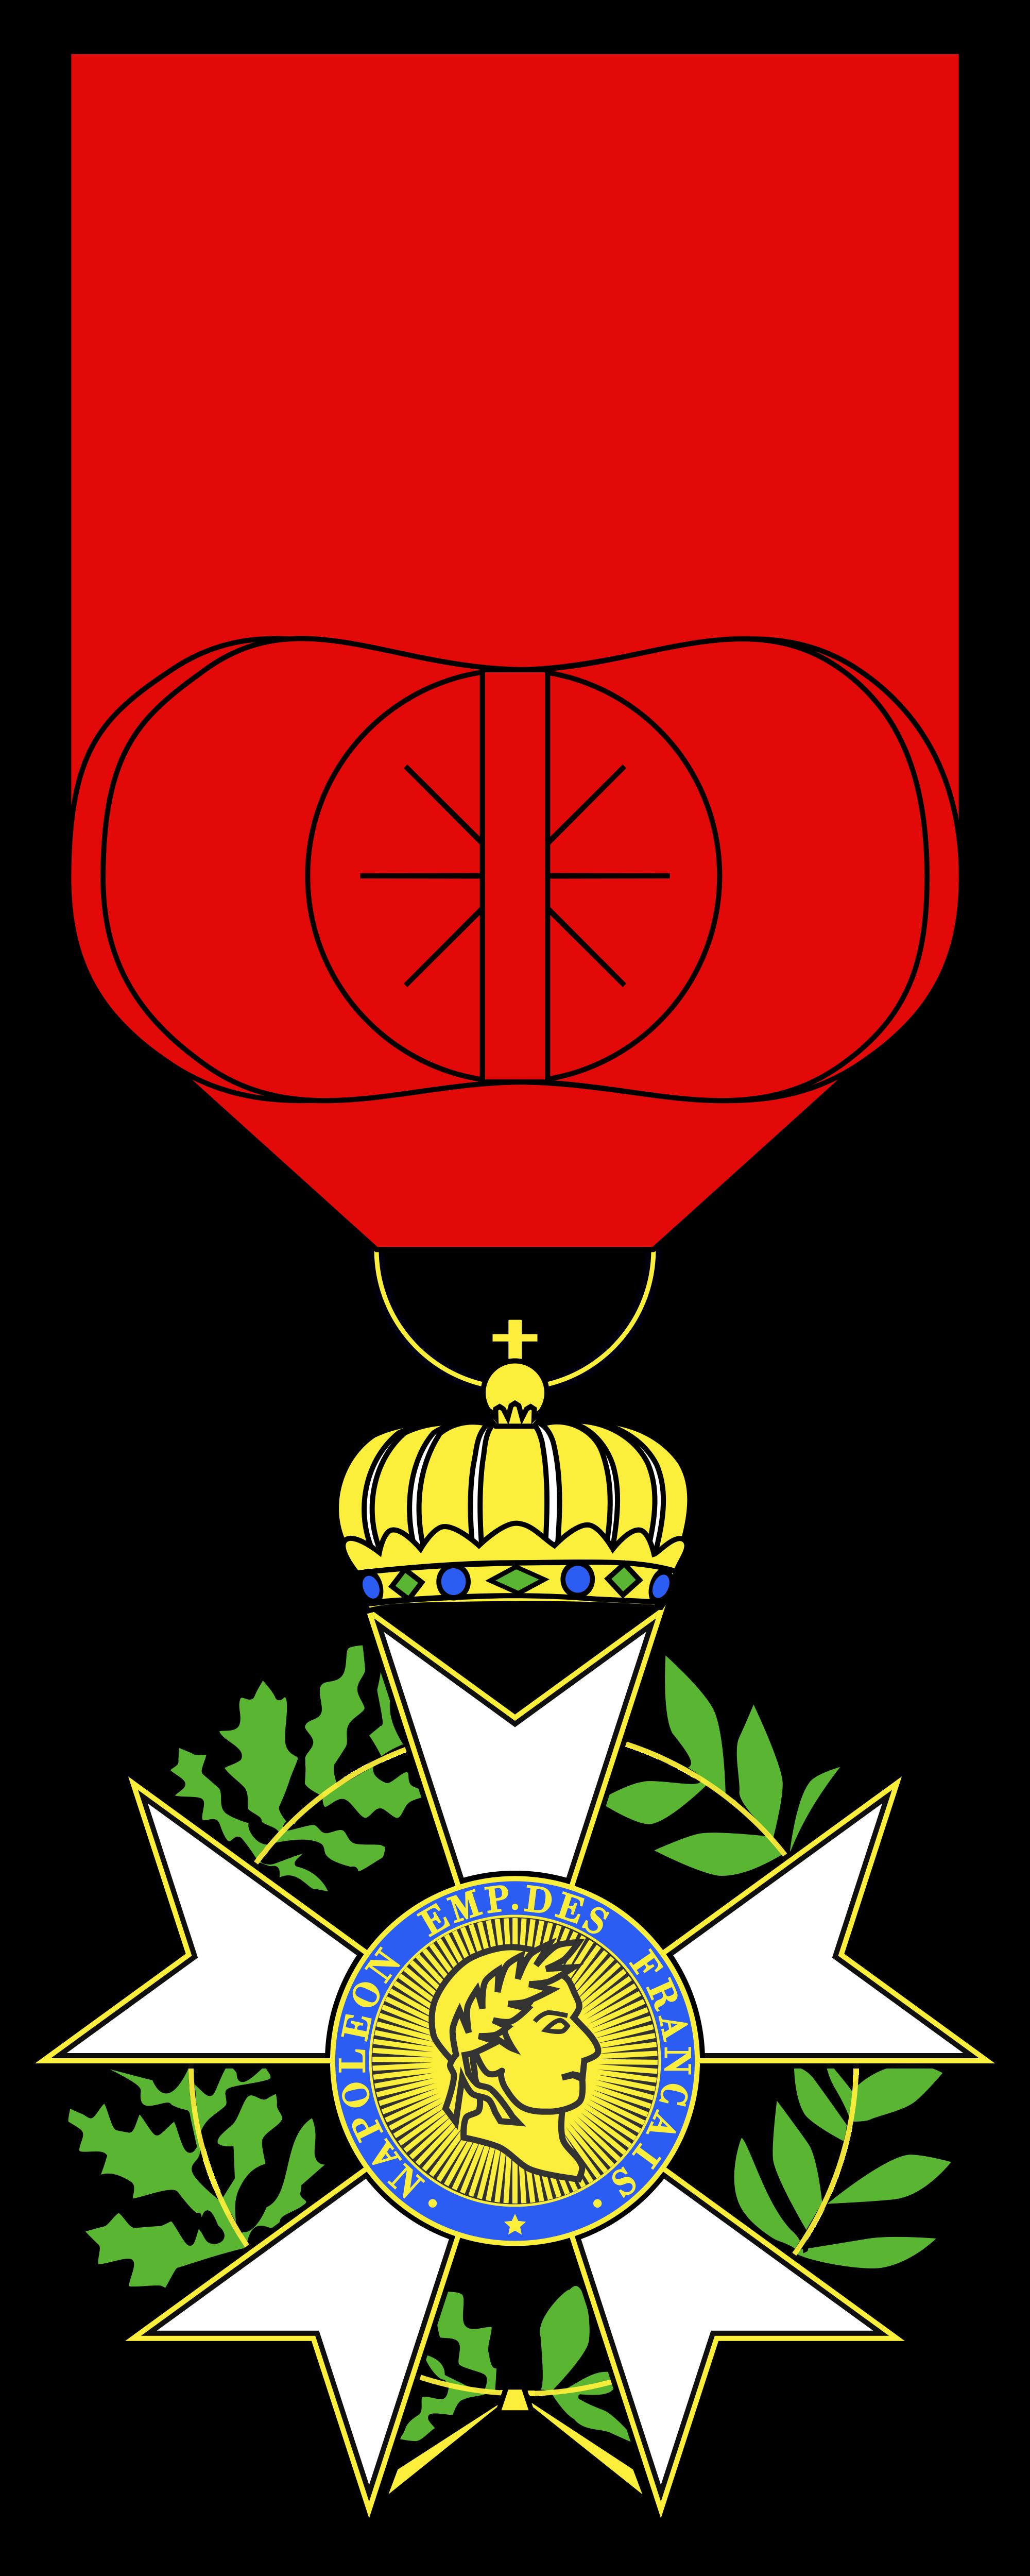 File:Légion d'honneur Officier Type 2.svg.